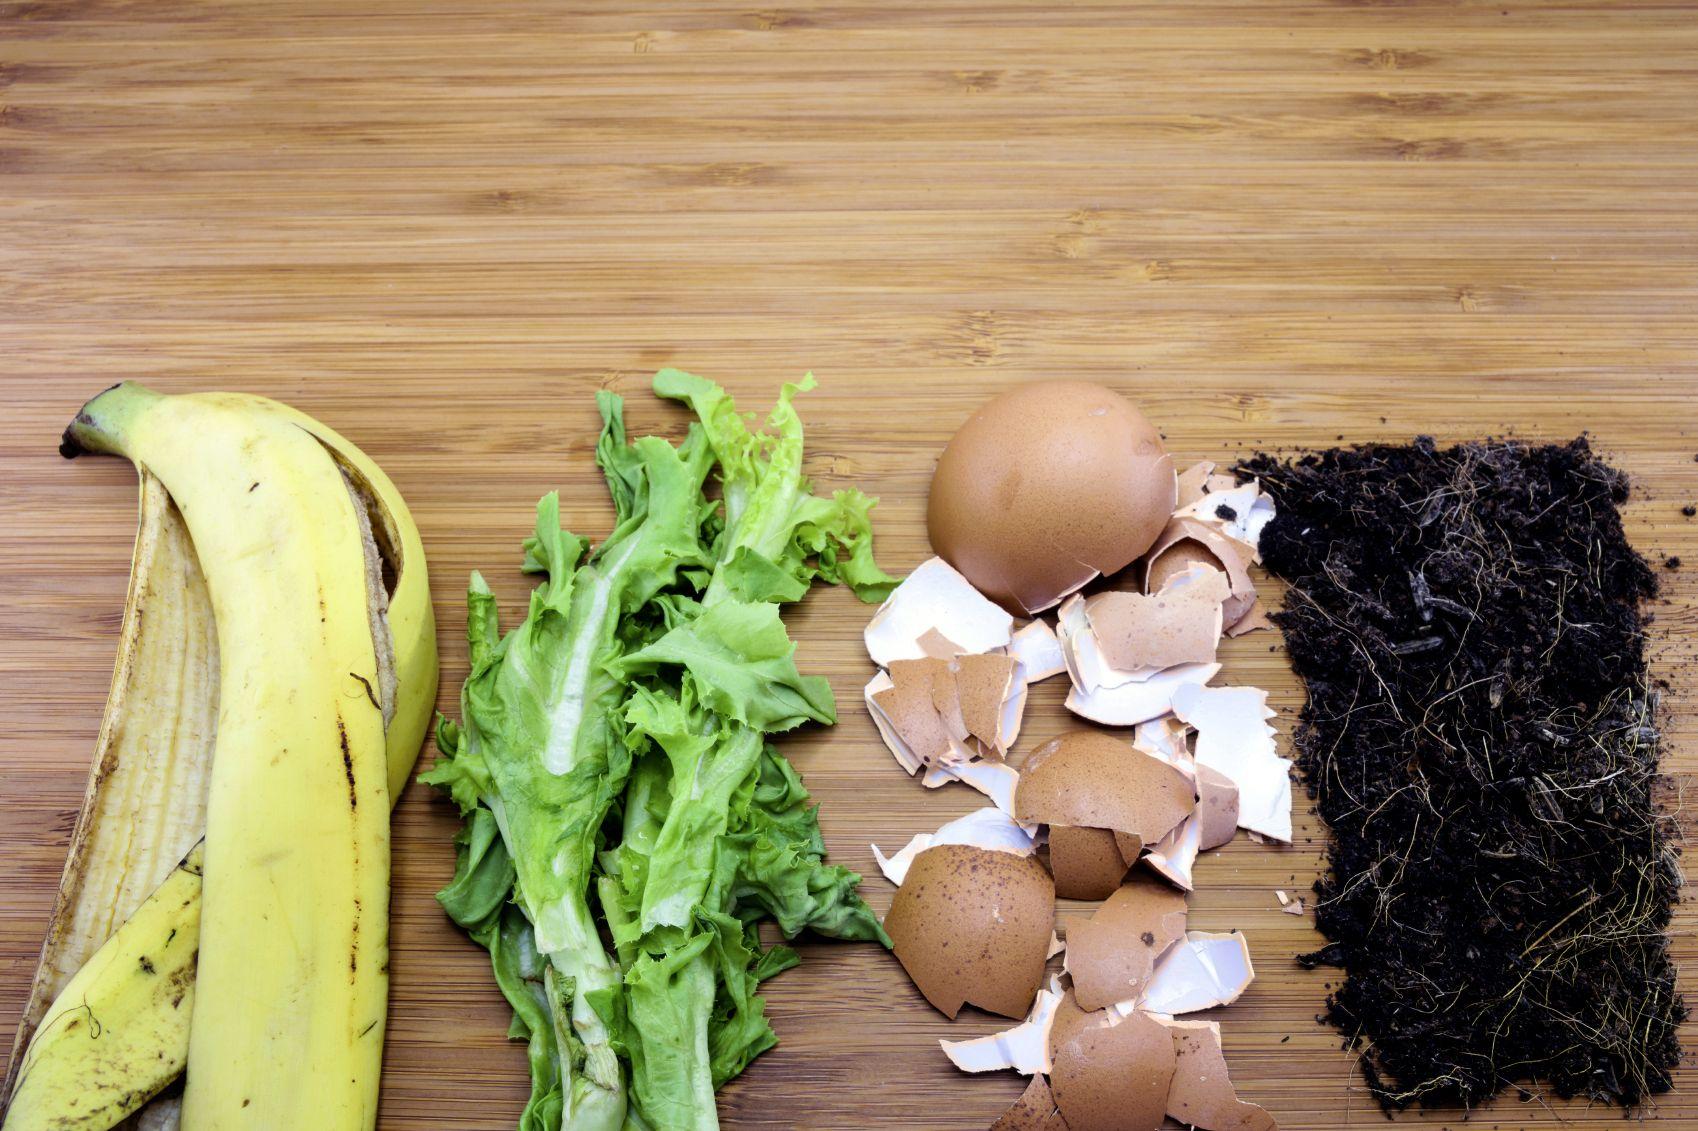 8 Best Homemade Garden Fertilizers Garden Compost Organic